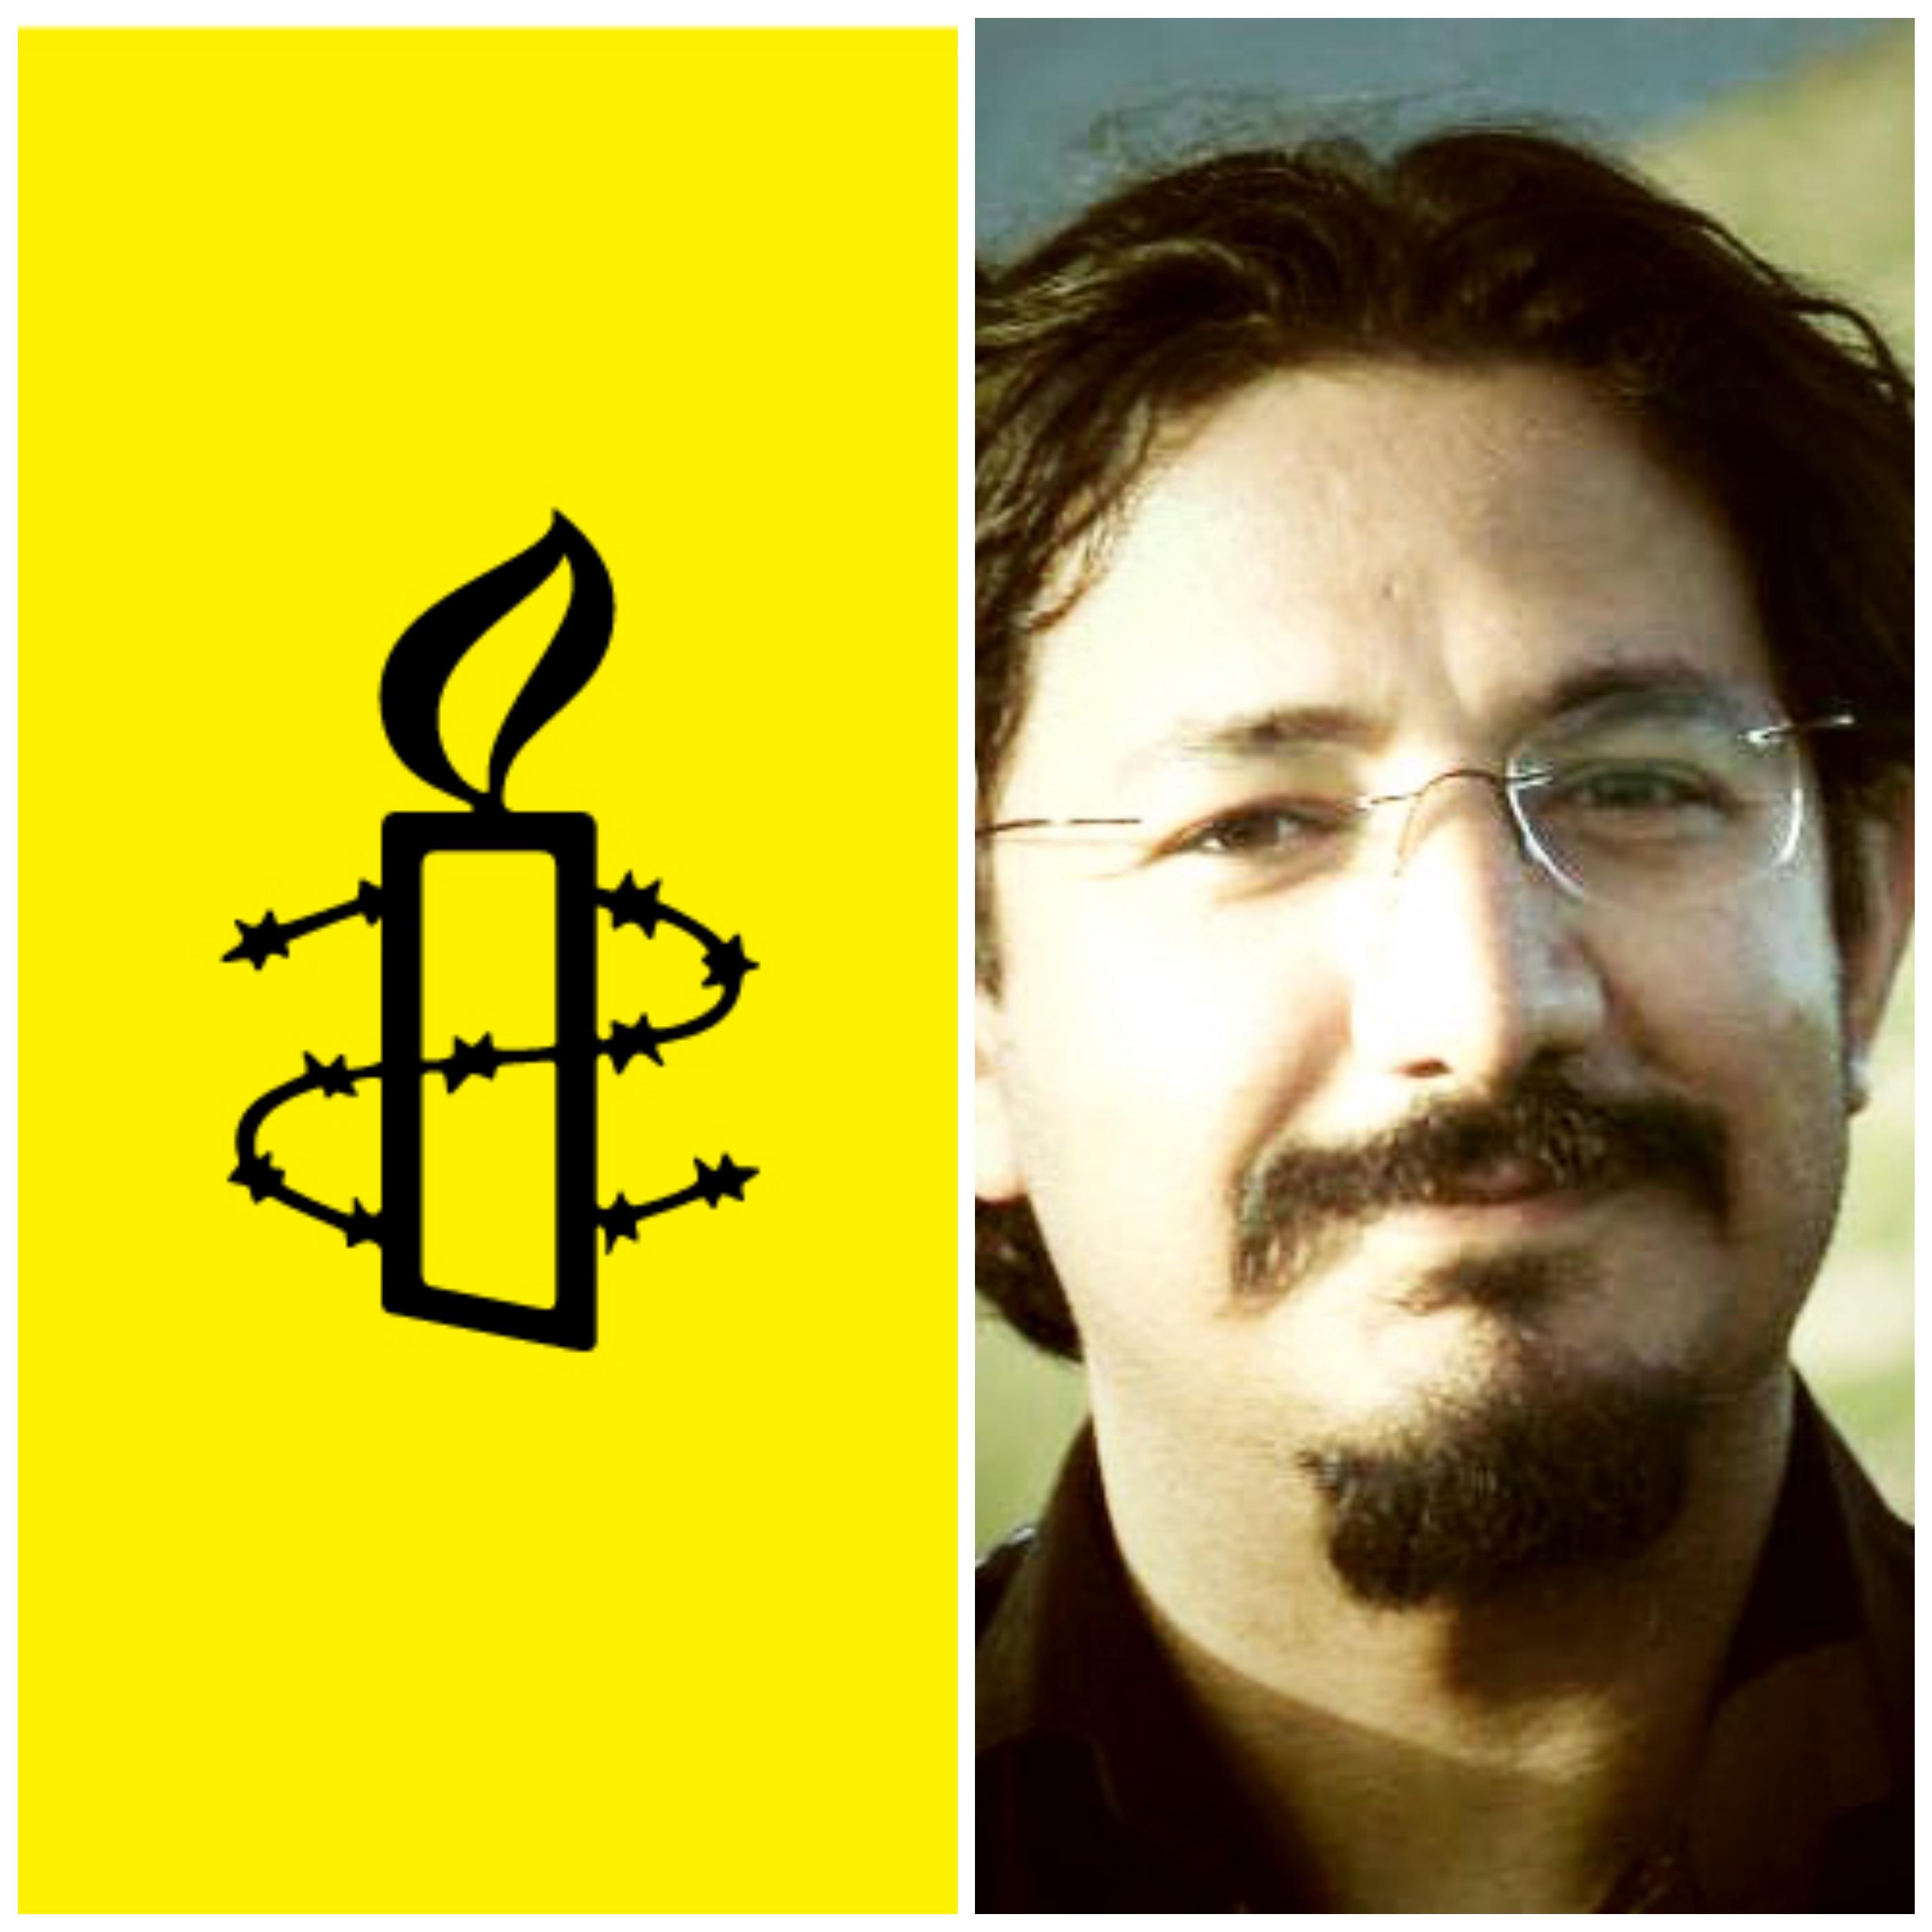 بیانیه عفو بین الملل درباره وضعیت امیر امیرقلی، فعال محکوم به دو دهه حبس